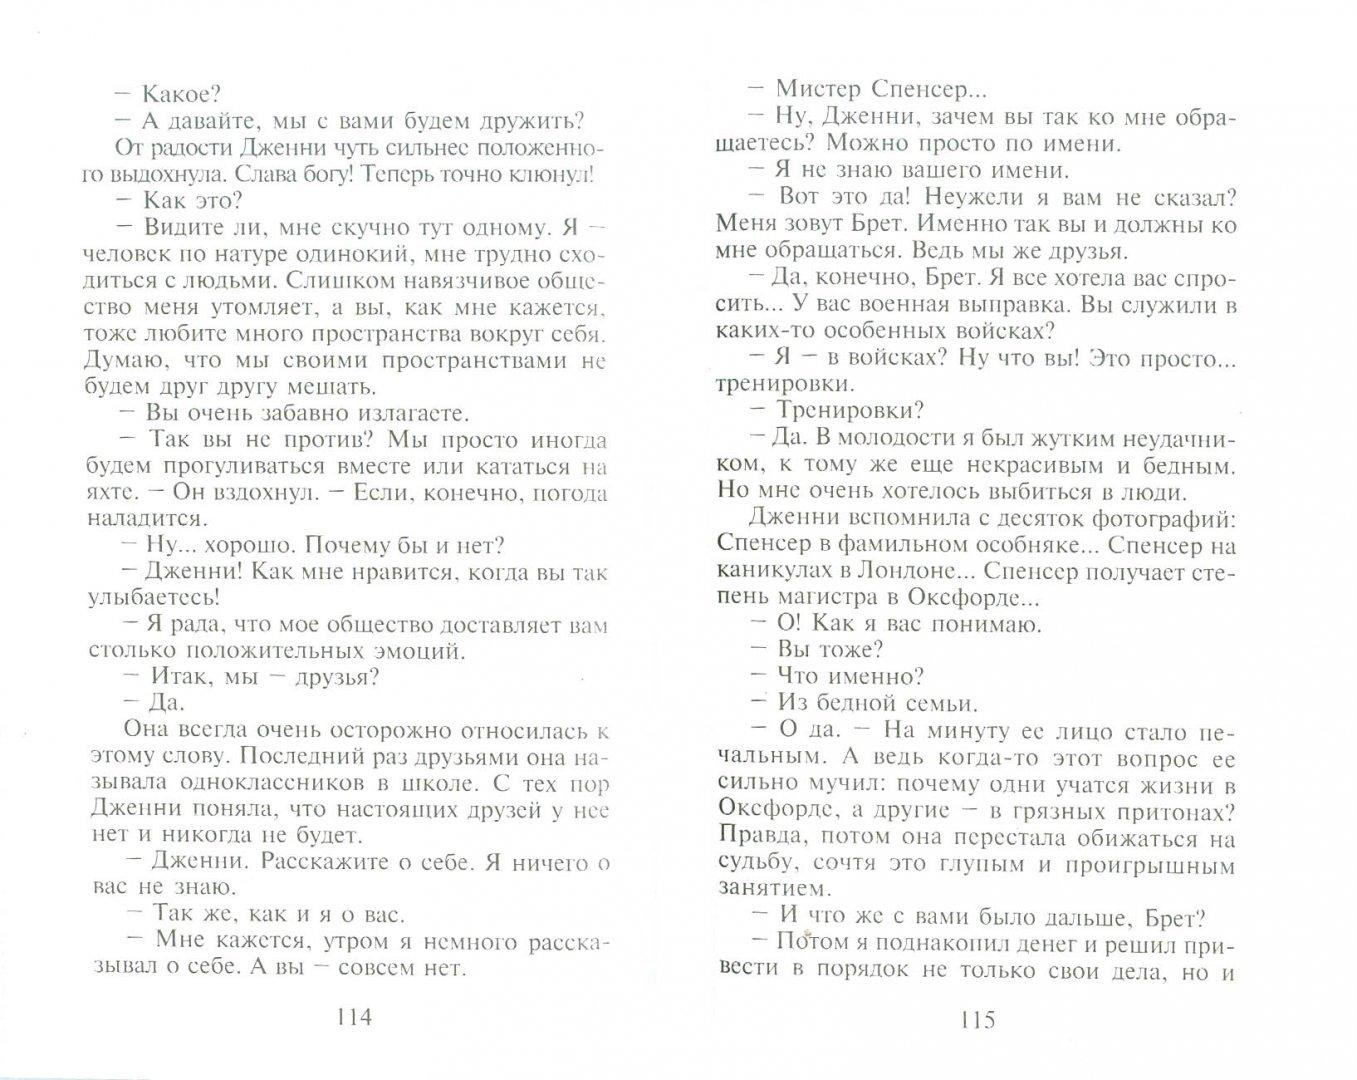 Иллюстрация 1 из 3 для Ловушка для Лисы - Кристин Лестер | Лабиринт - книги. Источник: Лабиринт